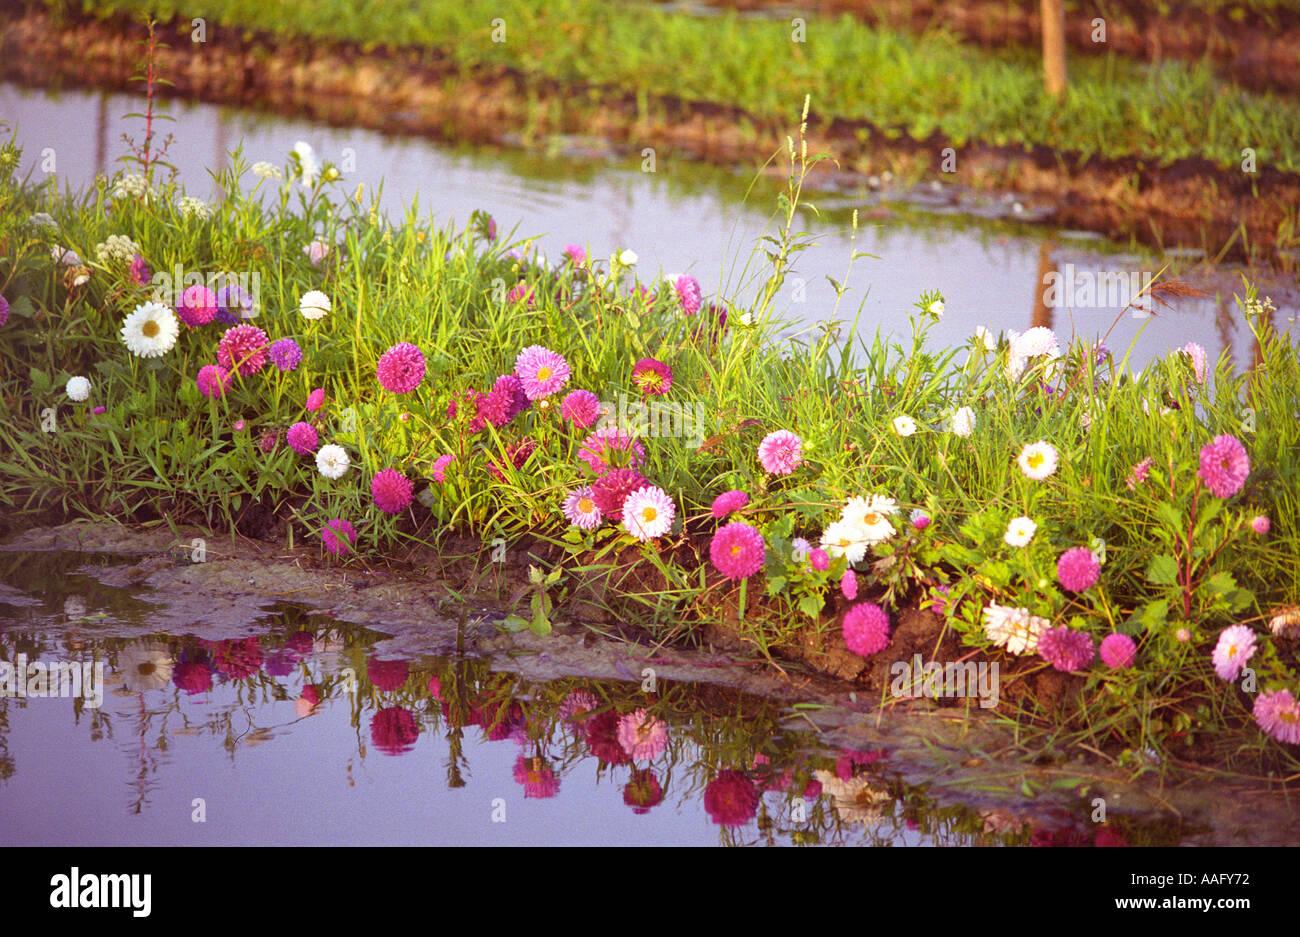 Jacinthes d 39 eau jardin flottant au lac inle myanmar for Jardin flottant